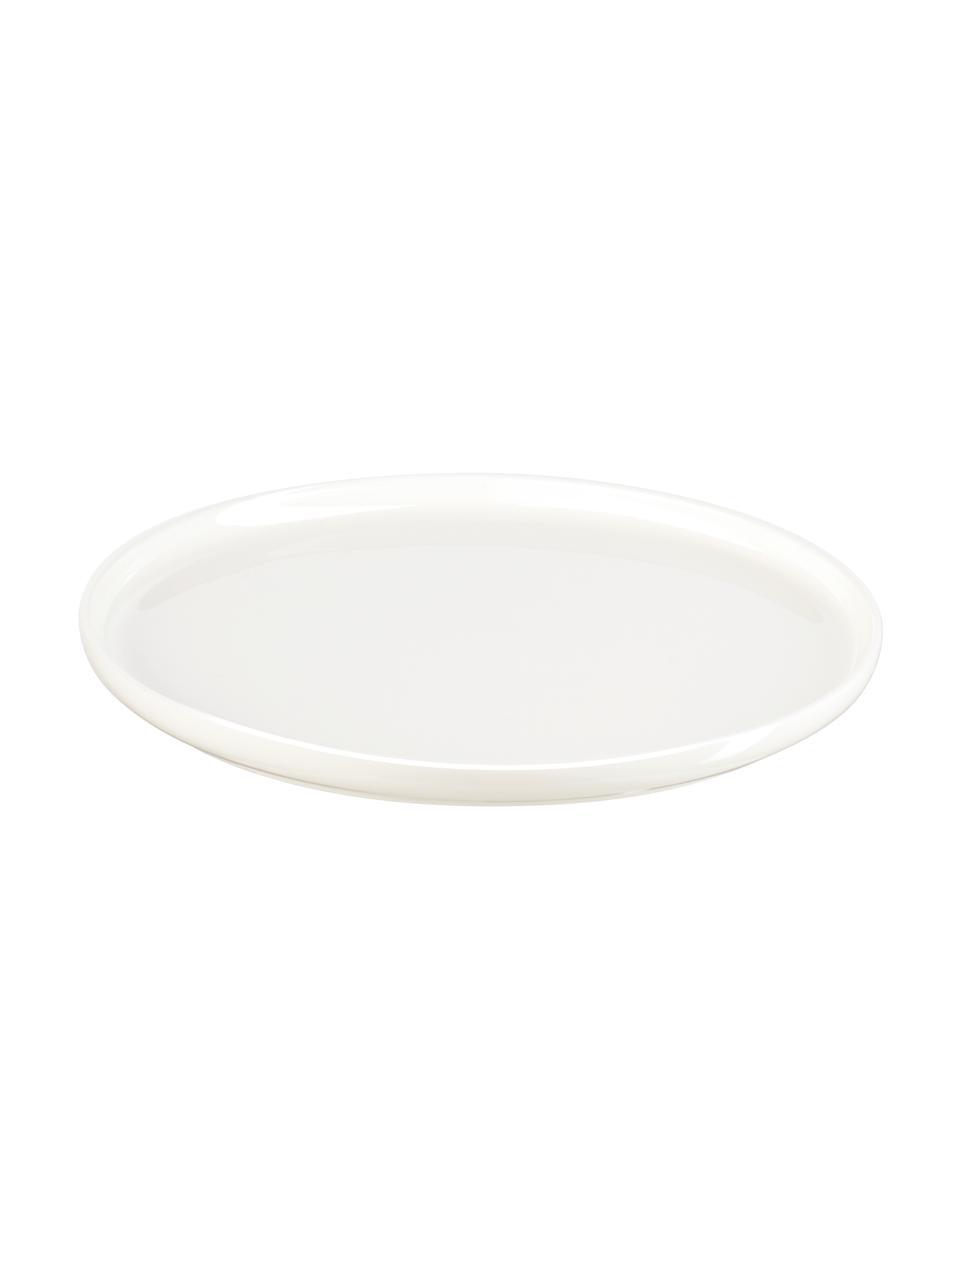 Talerz śniadaniowy z porcelany kostnej Oco, 6 szt., Porcelana chińska Porcelana chińska Fine Bone China to miękka porcelana wyróżniająca się wyjątkowym, półprzezroczystym połyskiem, Kość słoniowa, Ø 15 cm